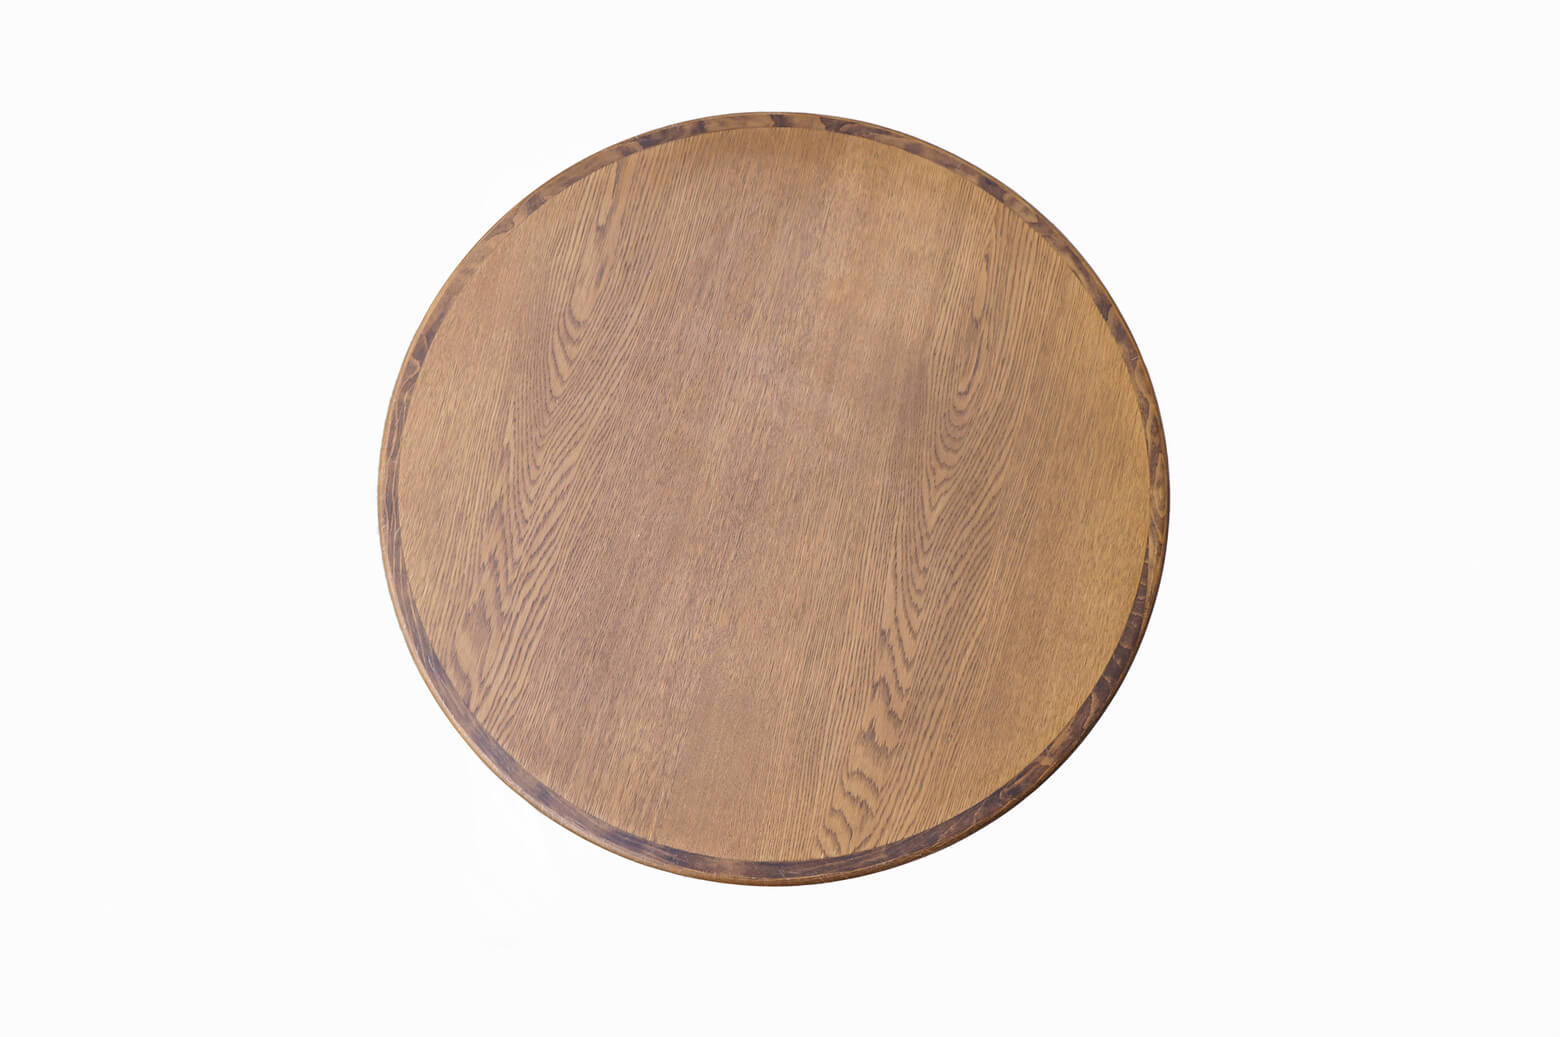 IDEE Bentwood Round Table/イデー ベントウッド ラウンド テーブル 曲木 東欧 アンティークスタイル ビーチ材